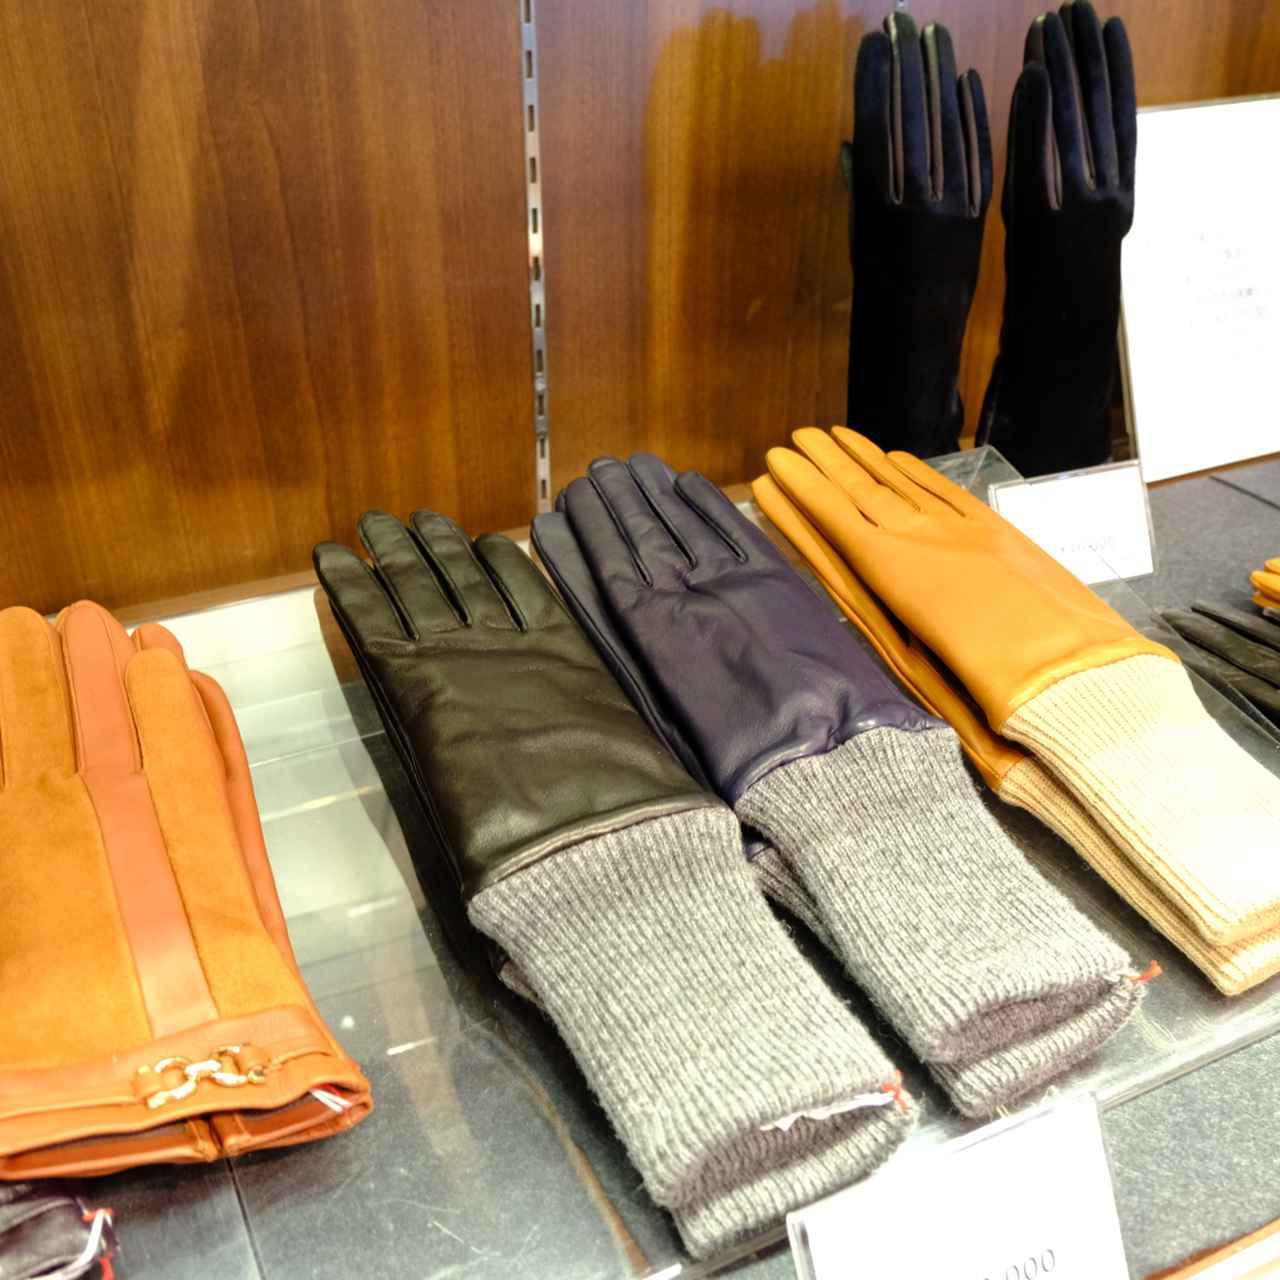 画像: 東かがわ市で国内の9割が生産されているという手袋。ここには革手袋からUV手袋まで、県内で生産された様々な種類の手袋が揃っています。